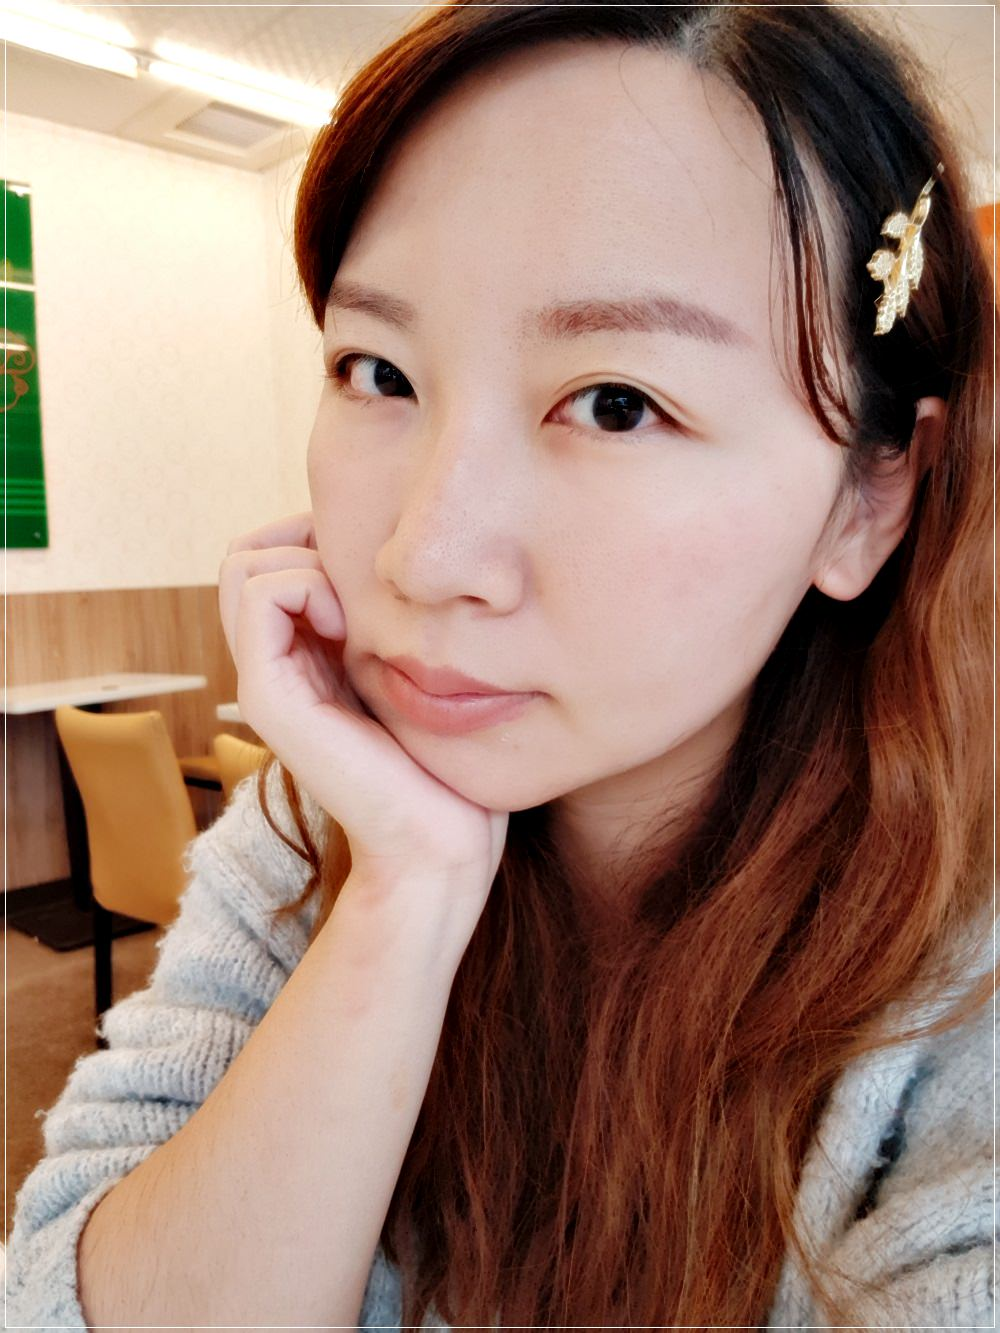 我的完美素顏肌,推薦艾杜紗Jelly蜂王漿潔顏乳+高機能妝前修飾乳